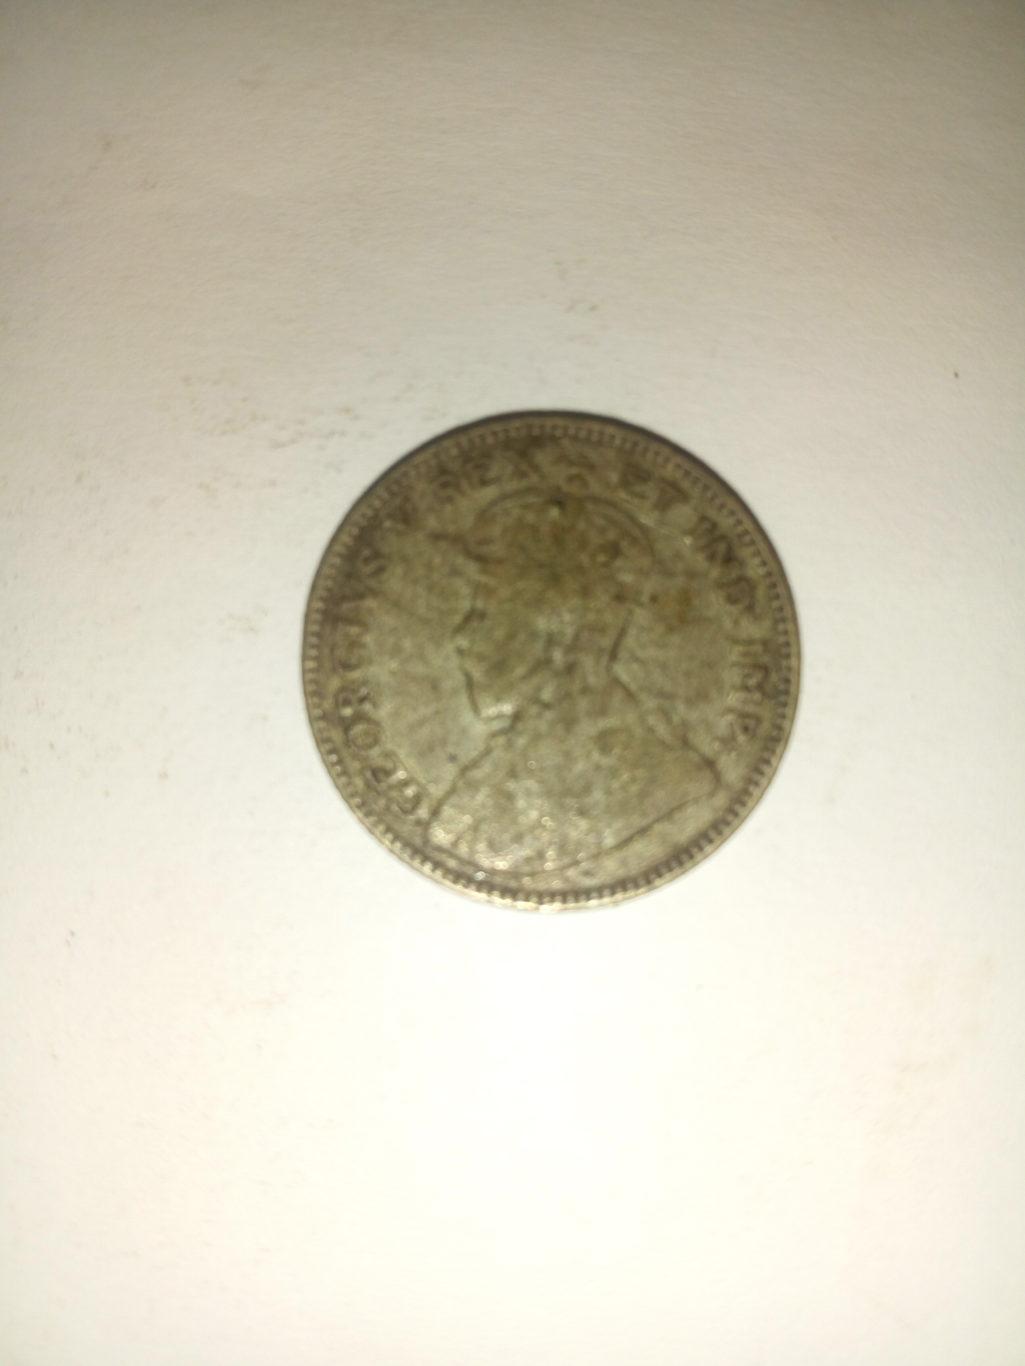 1922_georgivs  V 50 half shillng